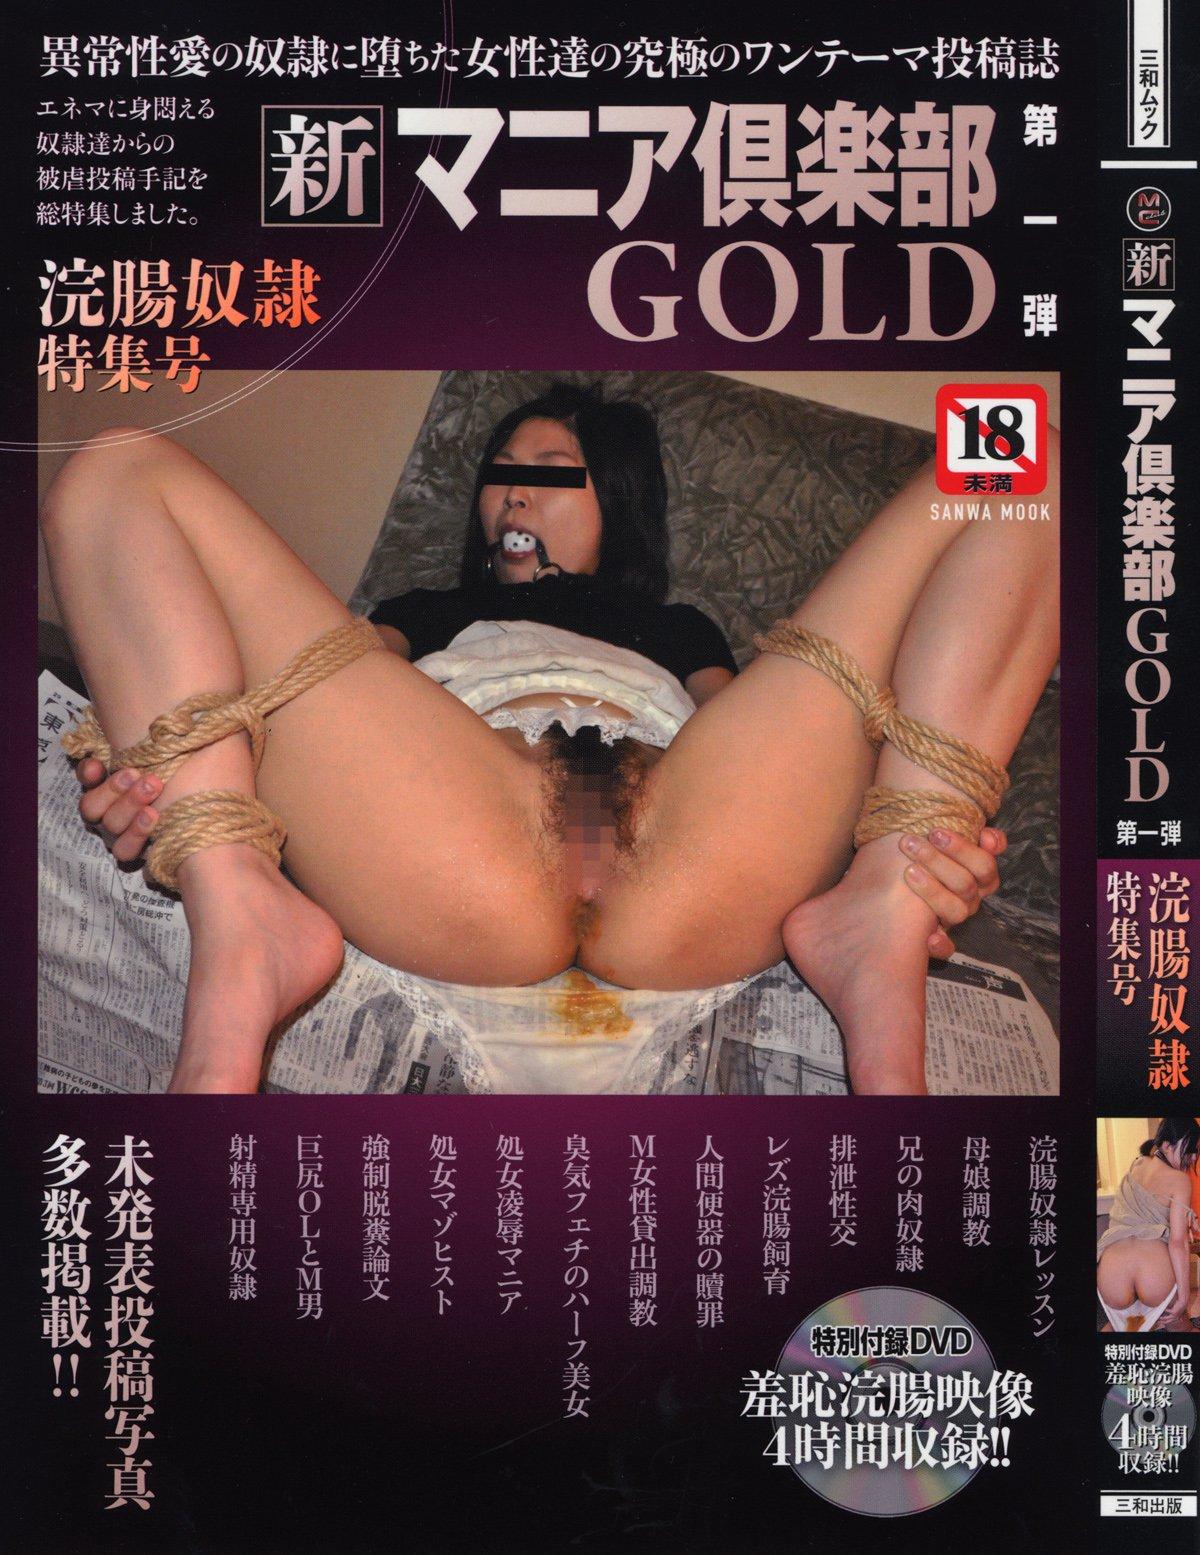 新マニア倶楽部GOLD表紙